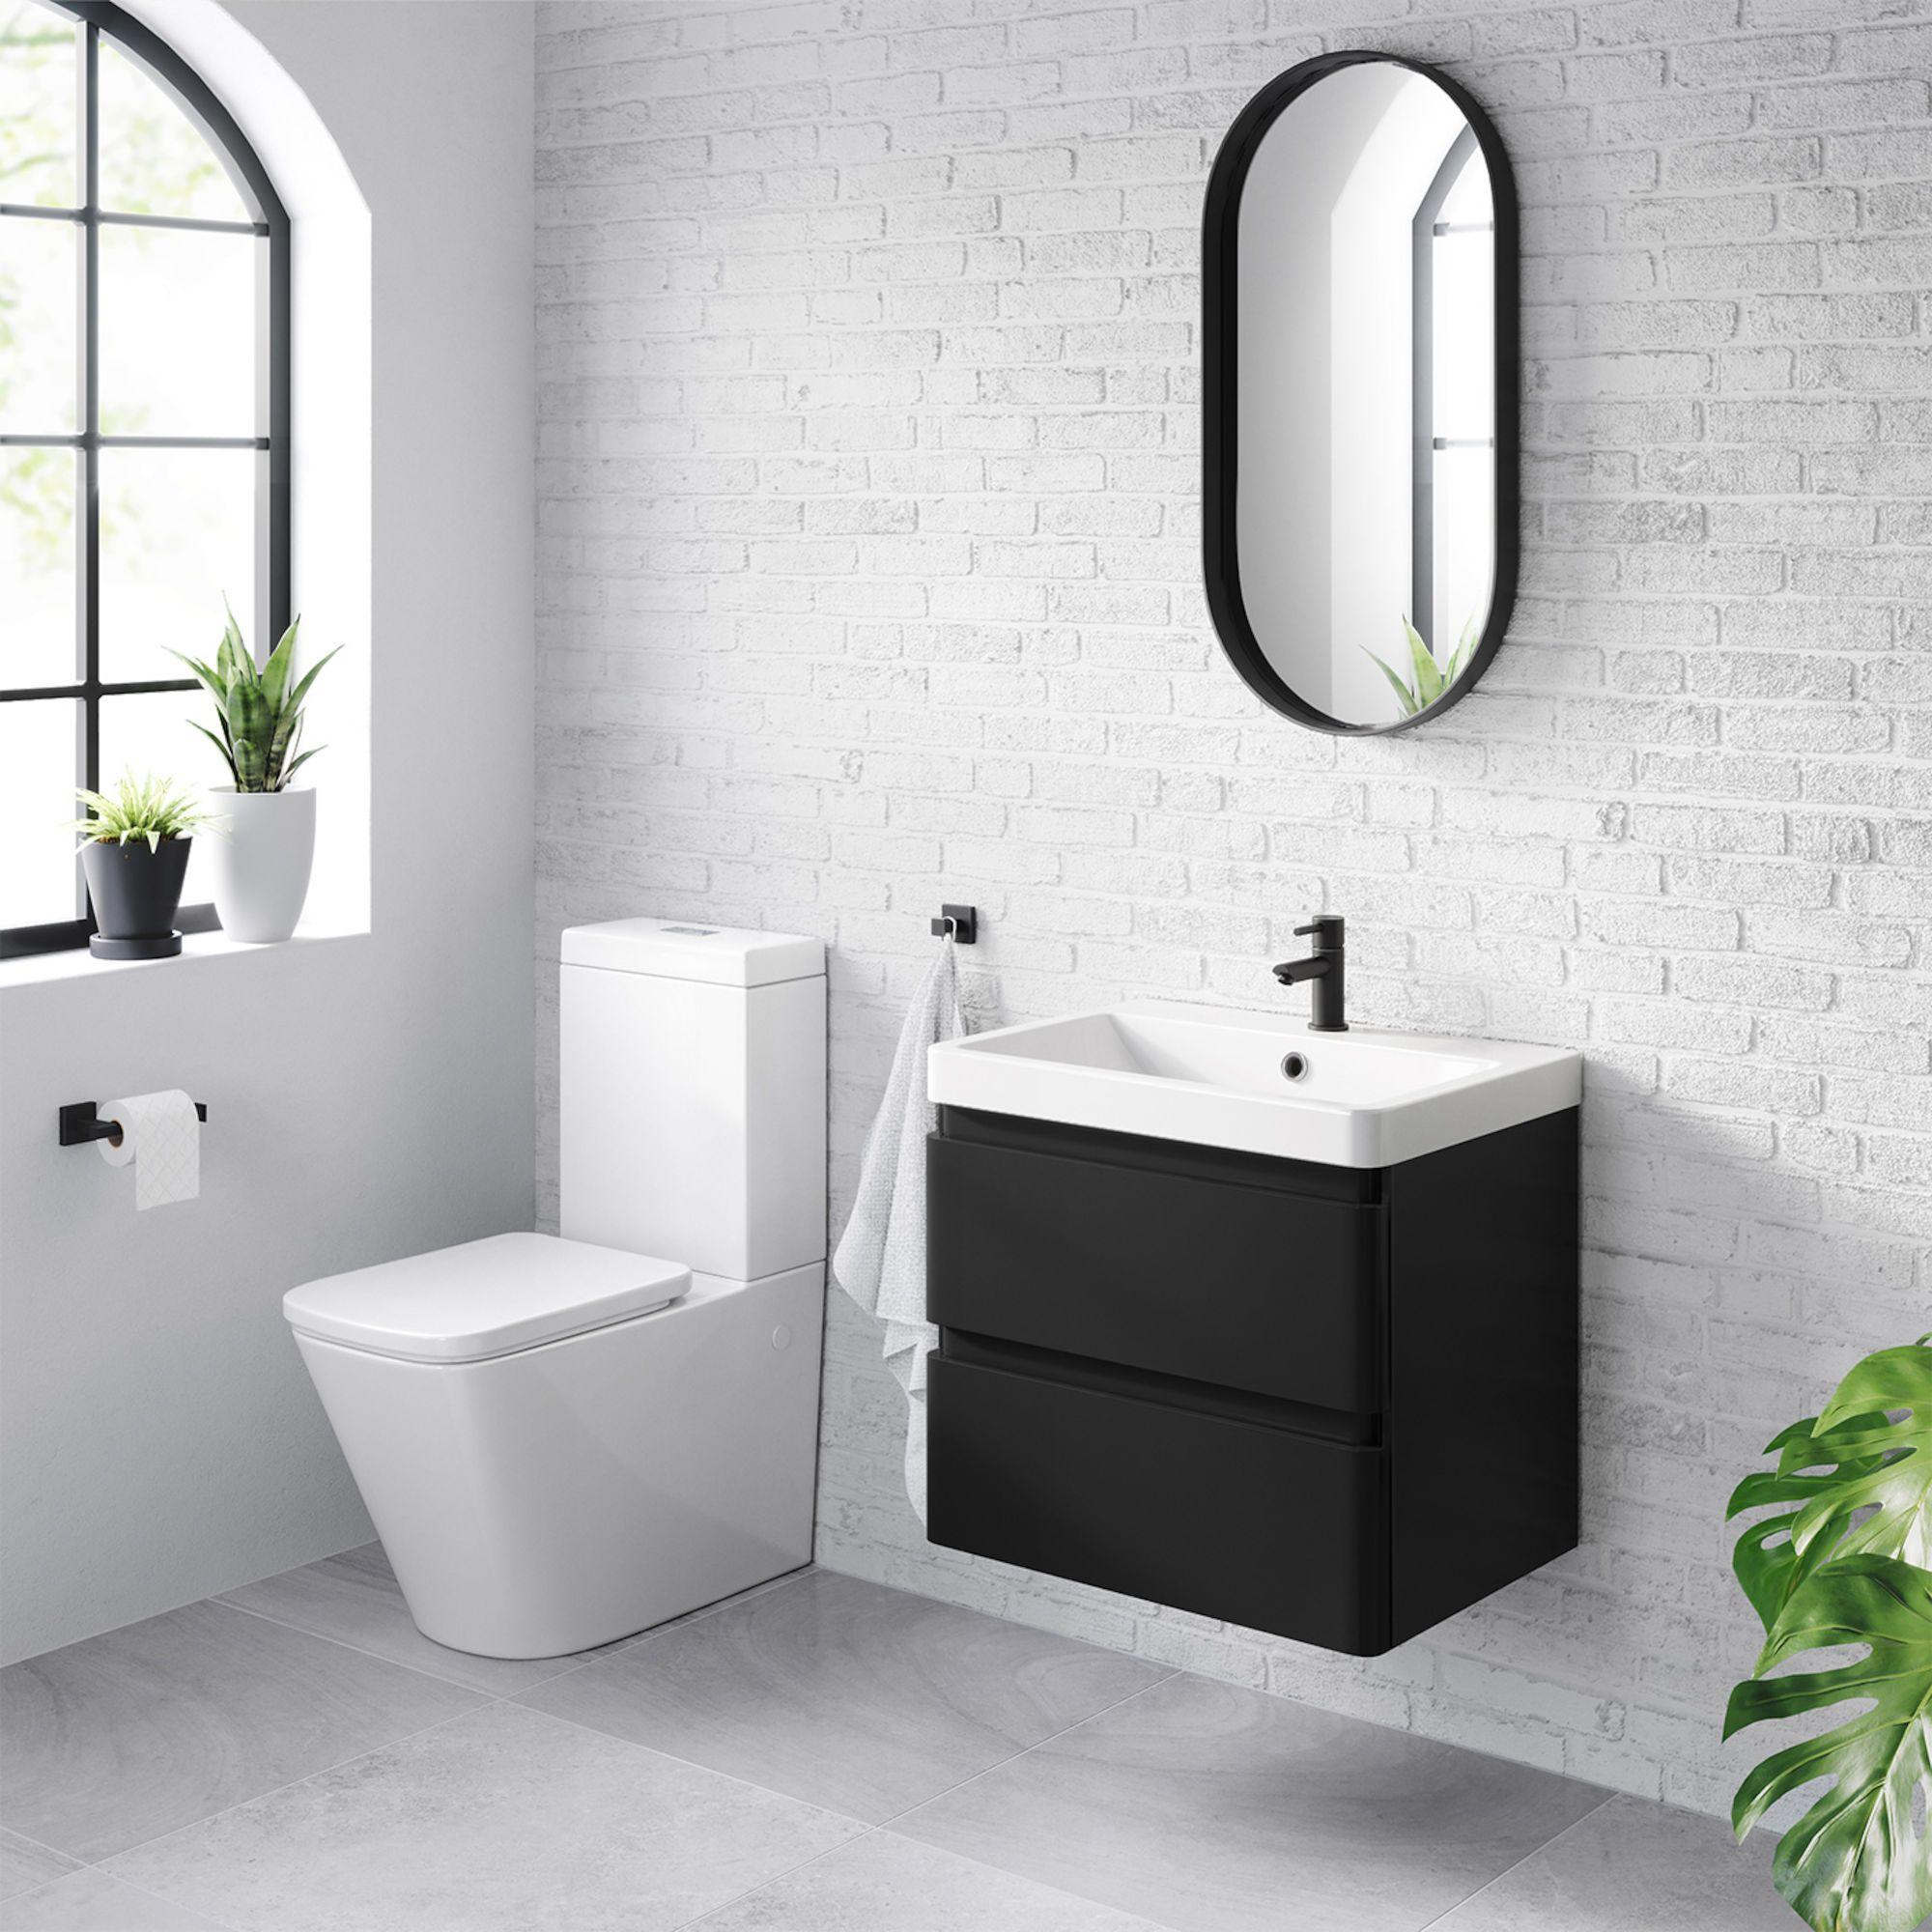 Pin By Millie Vanillie On Badezimmer In 2020 Bathroom Vanity Trends